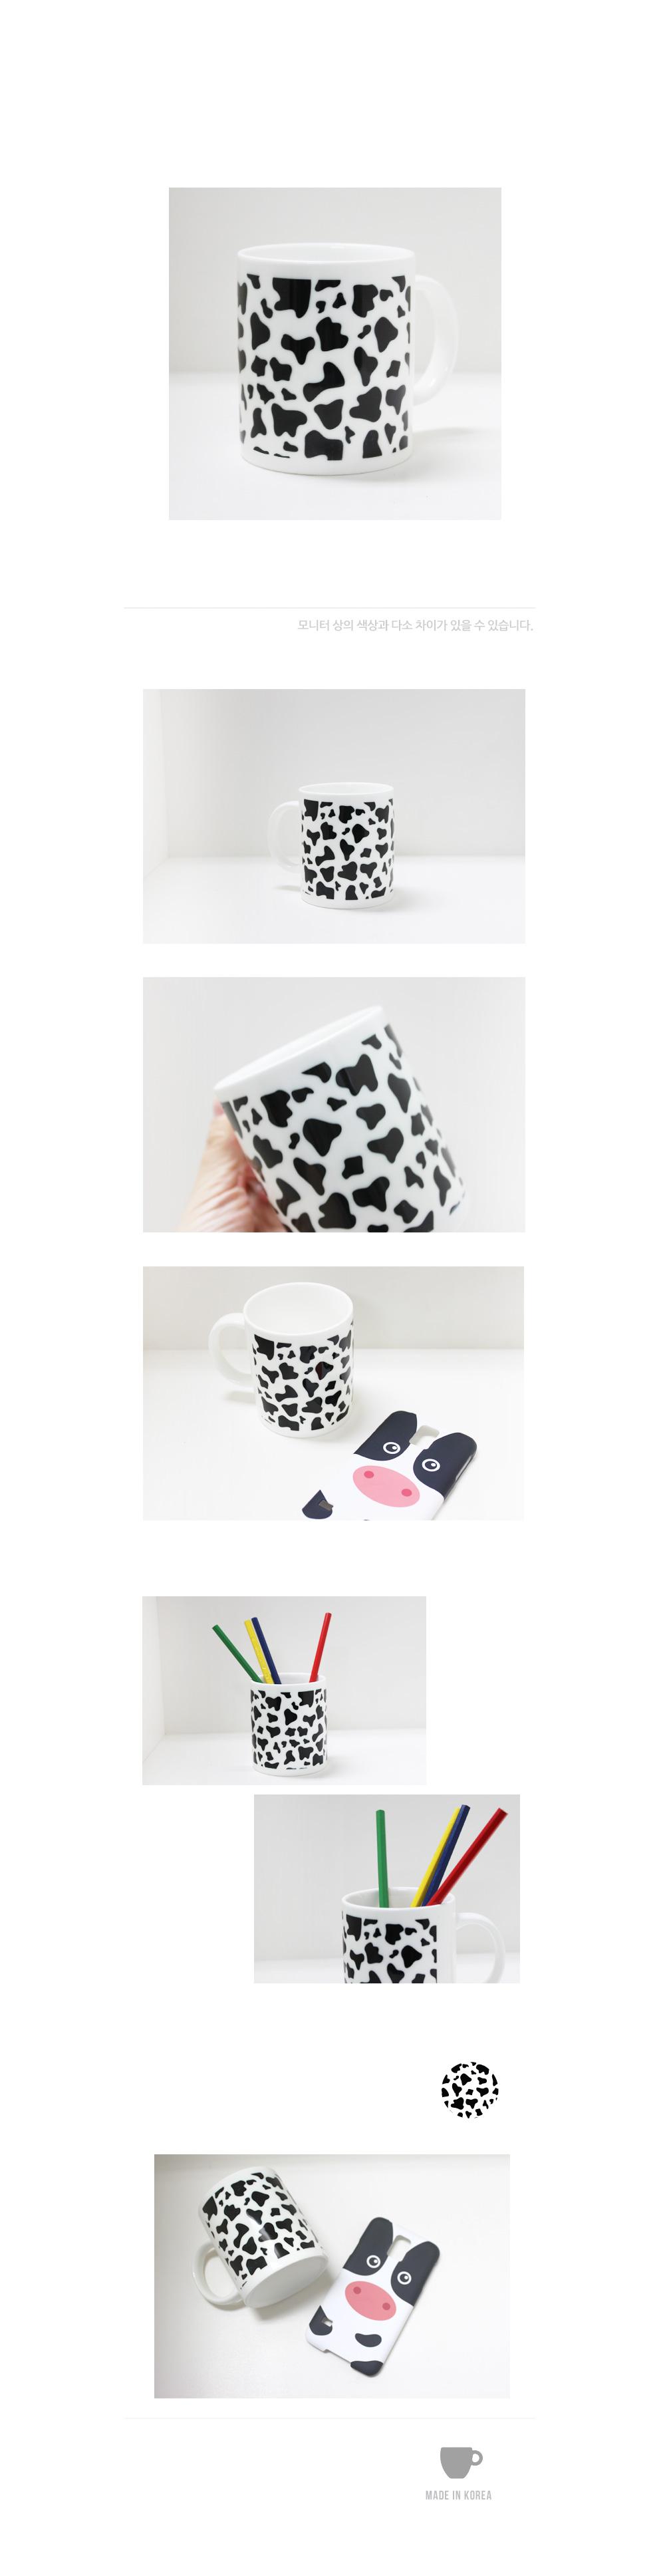 밀키심플머그컵 - 모노, 7,900원, 머그컵, 심플머그